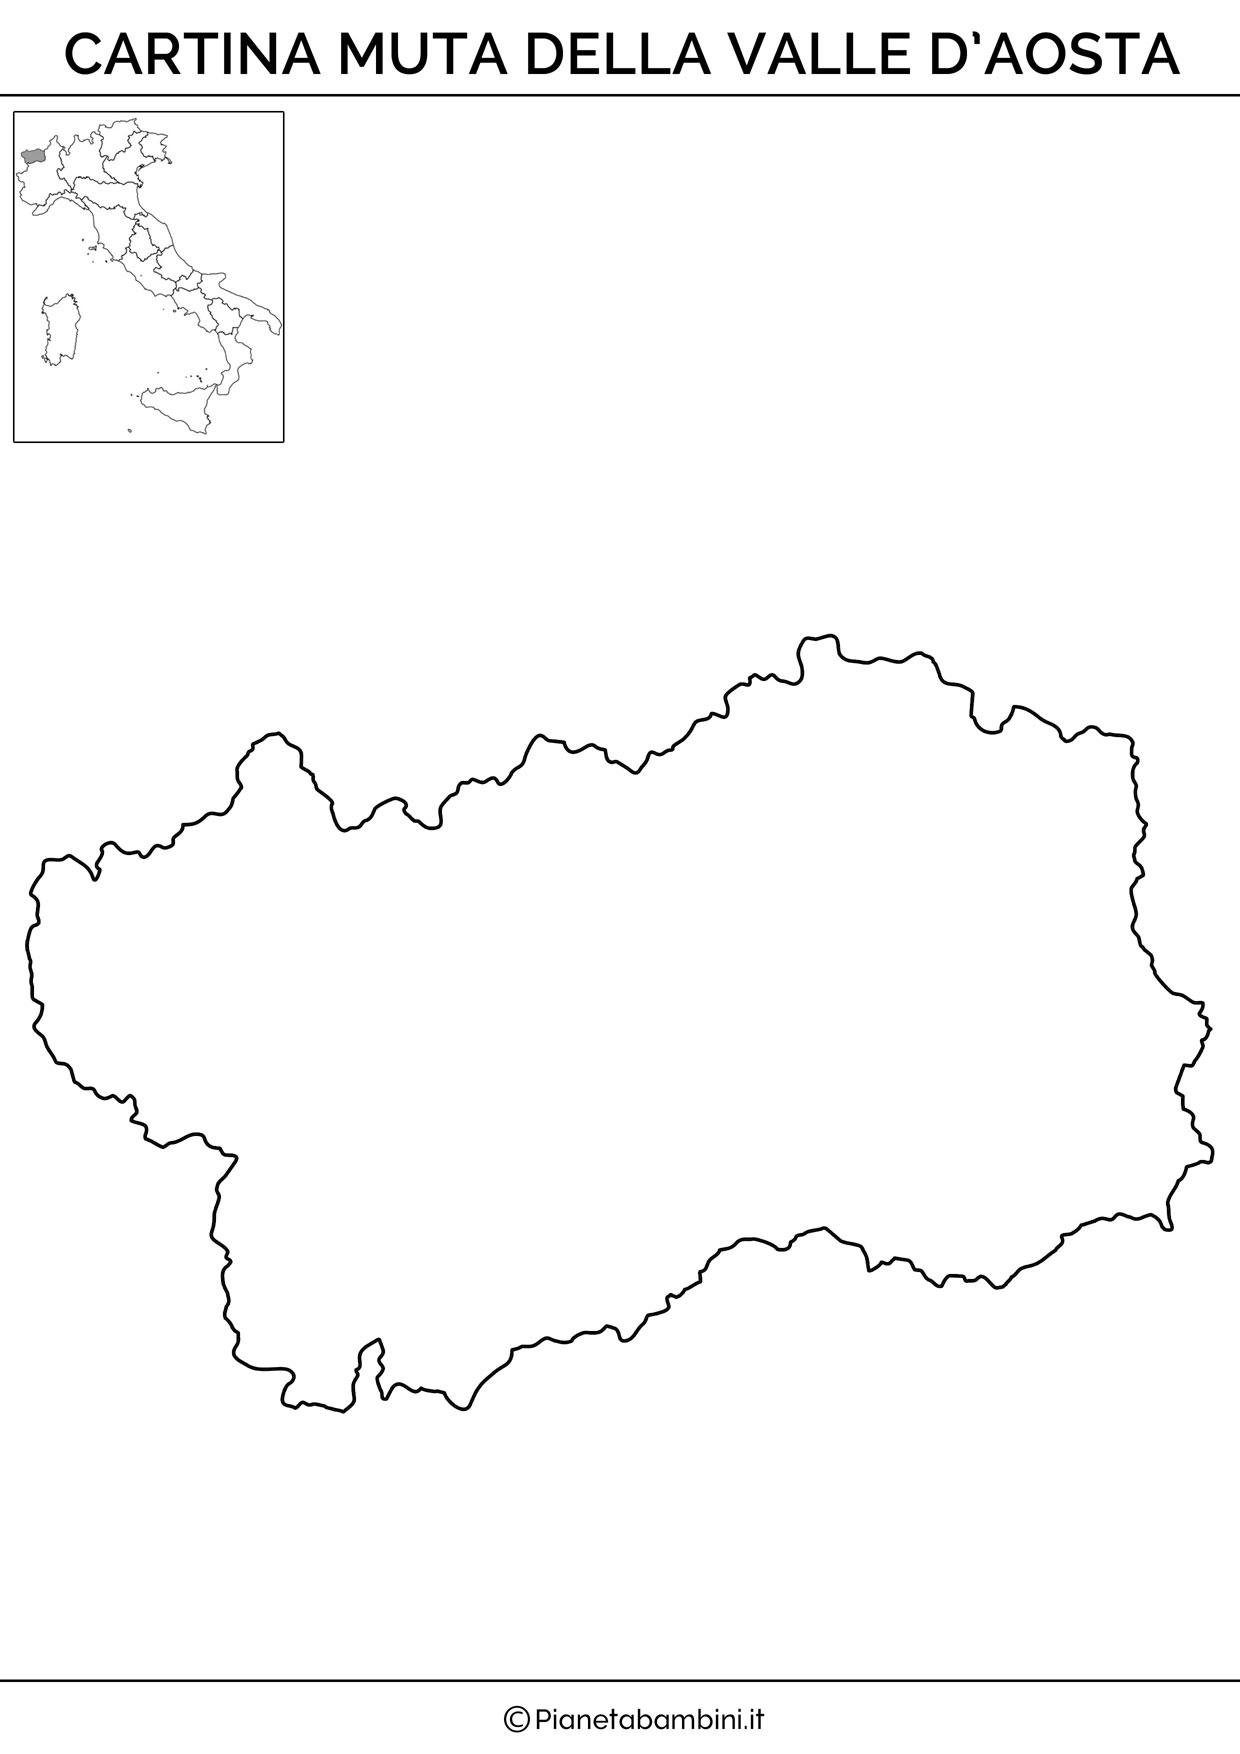 Cartina Valle D Aosta Da Colorare.Cartina Muta Fisica E Politica Della Valle D Aosta Da Stampare Pianetabambini It